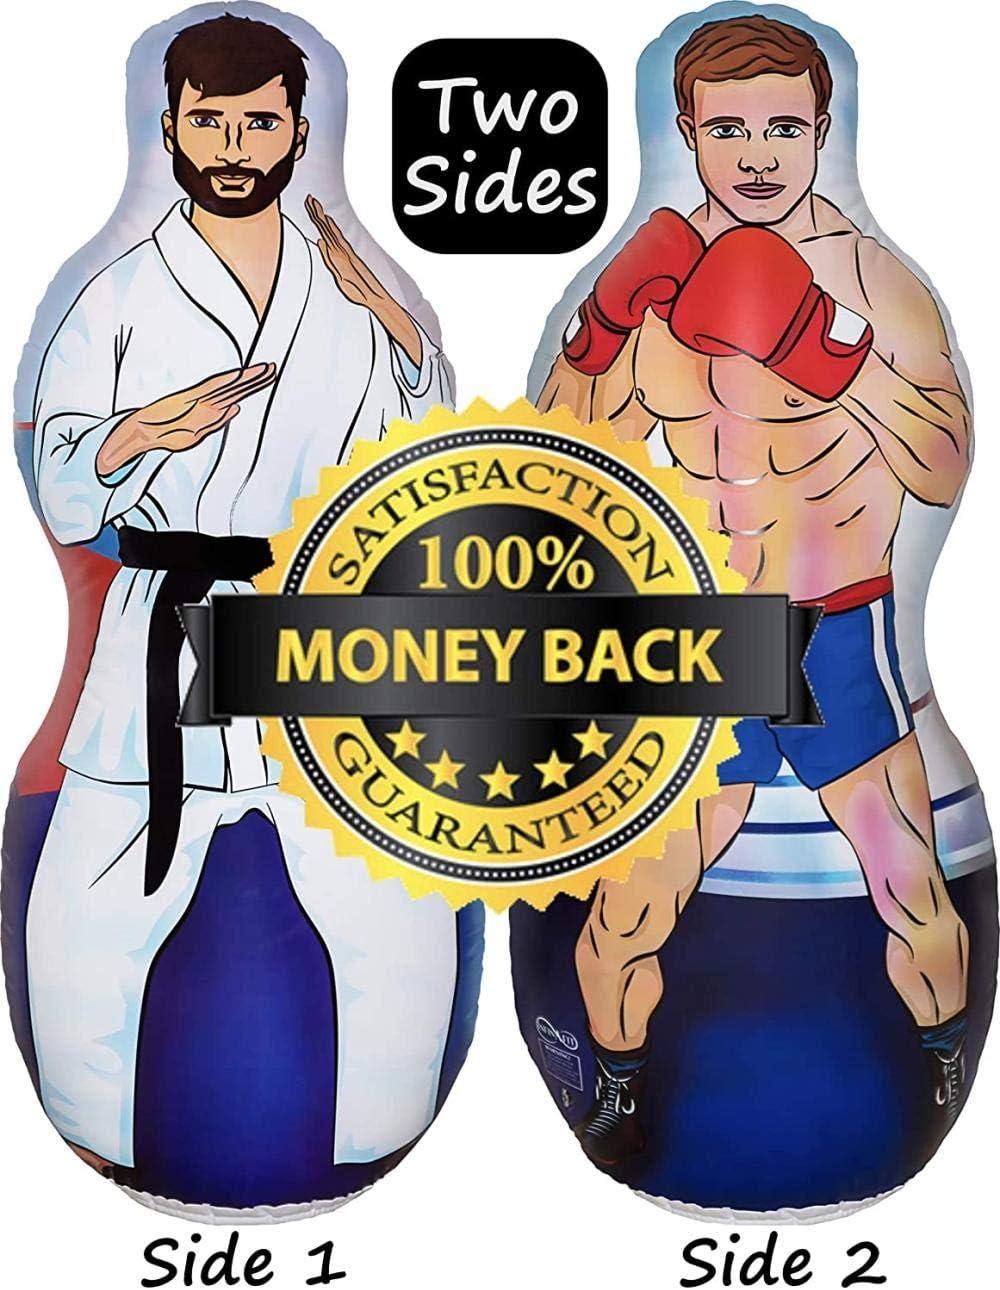 WWOOP Saco inflable de boxeo y karate de dos caras con ilustraci/ón de un maestro de karate en un lado y boxeador en el reverso.